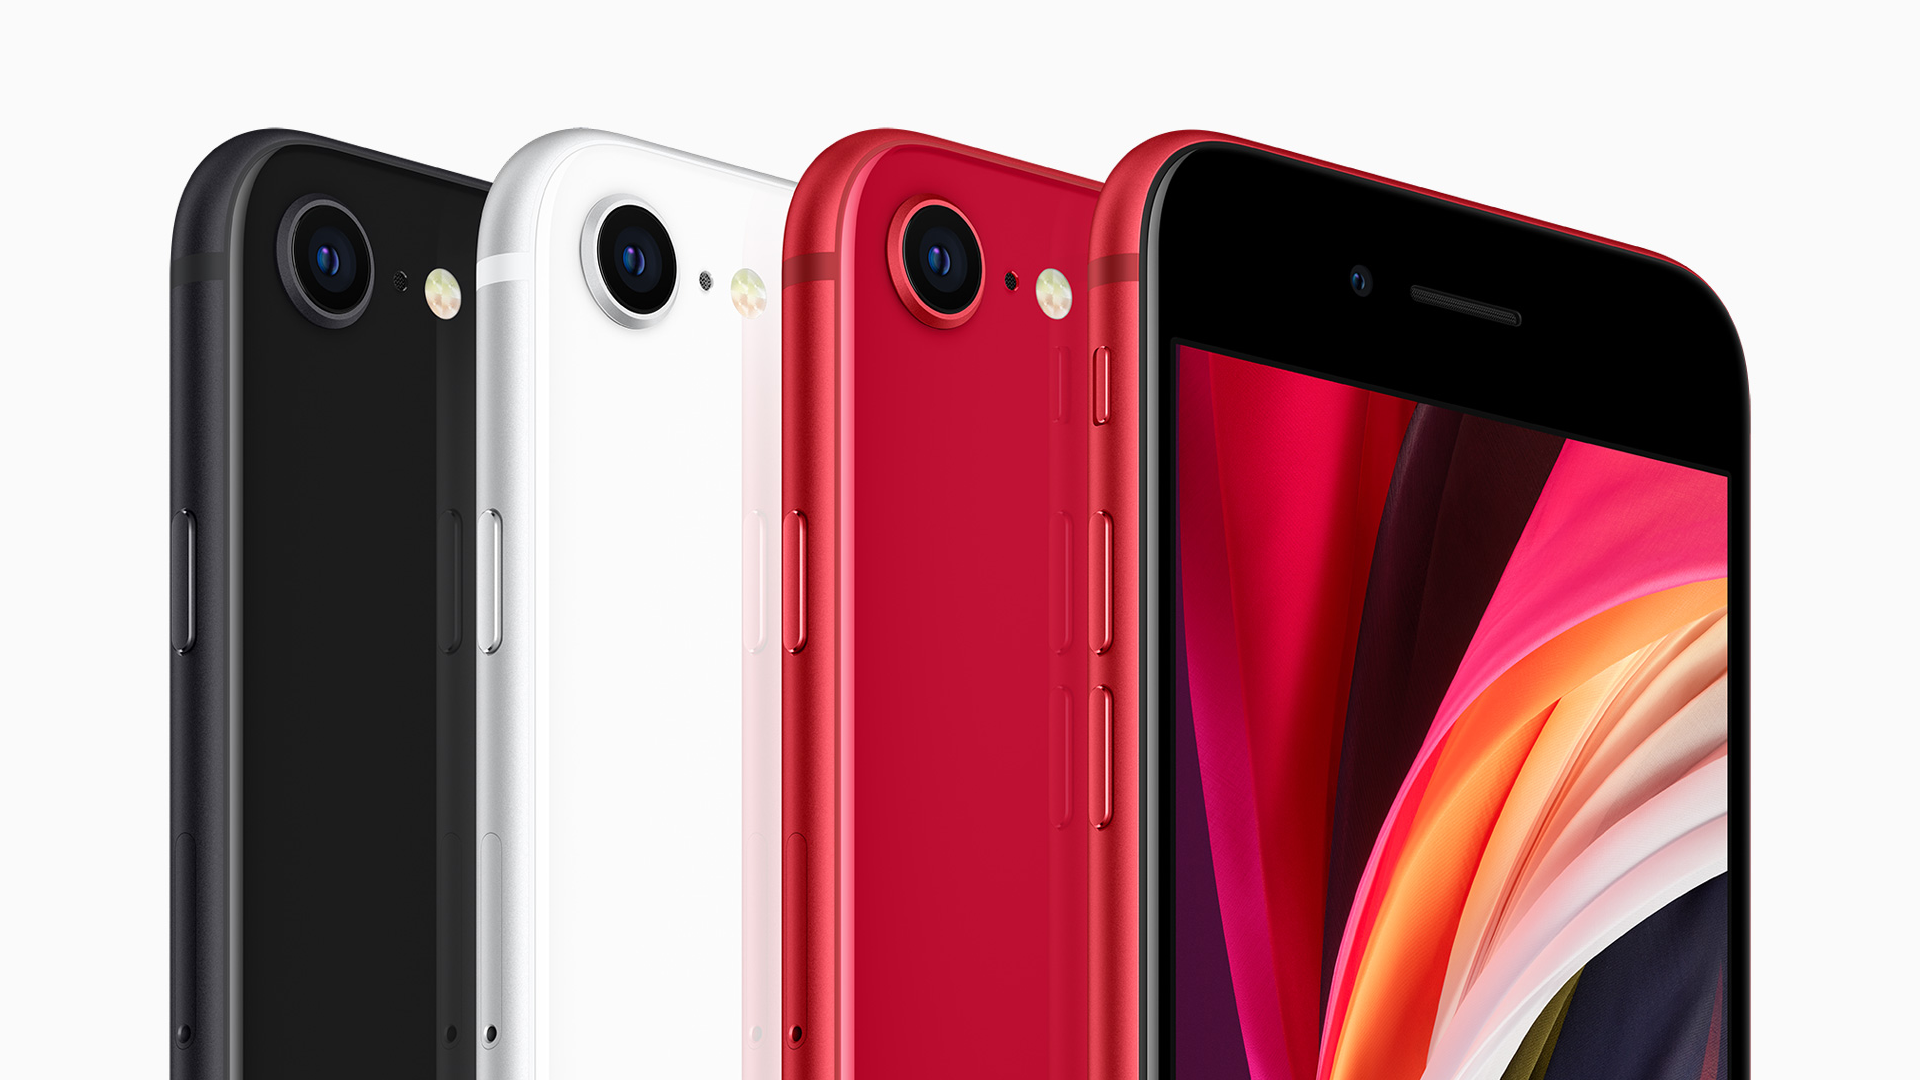 Apple giới thiệu iPhone SE mới với thiết kế phổ biến và bộ xử lý mạnh mẽ 4